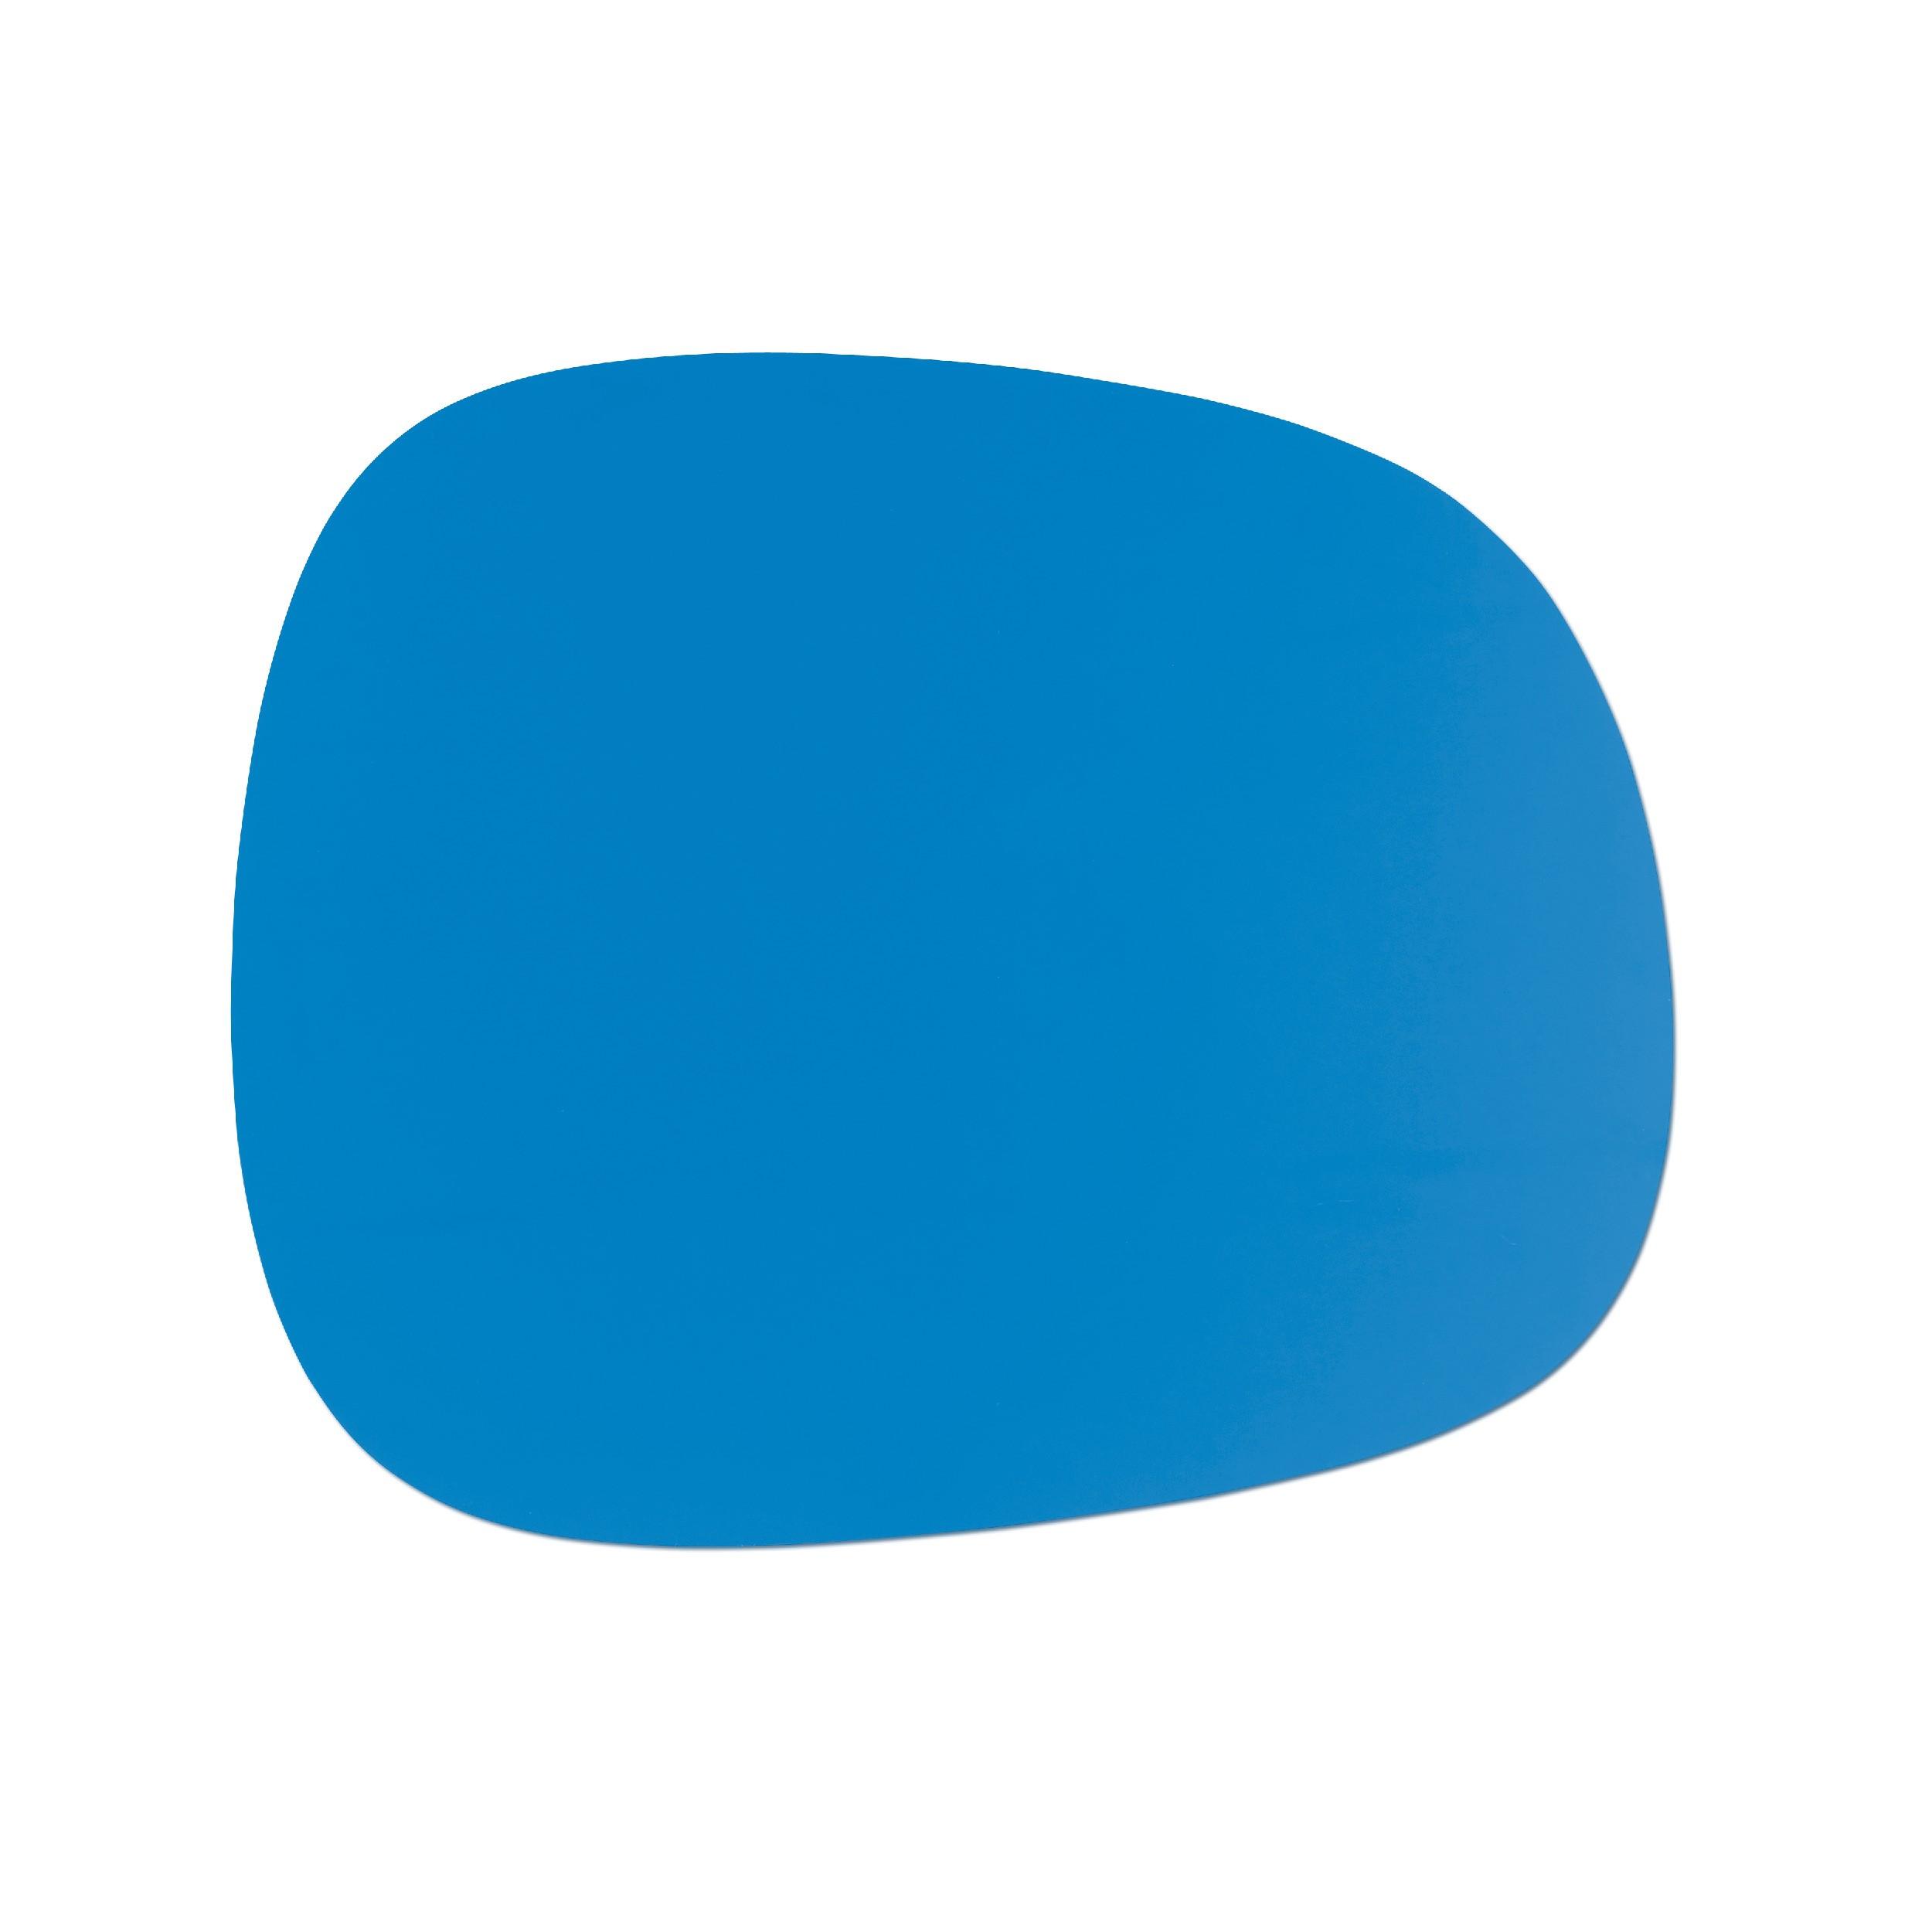 Niebieski clipart #6, Download drawings